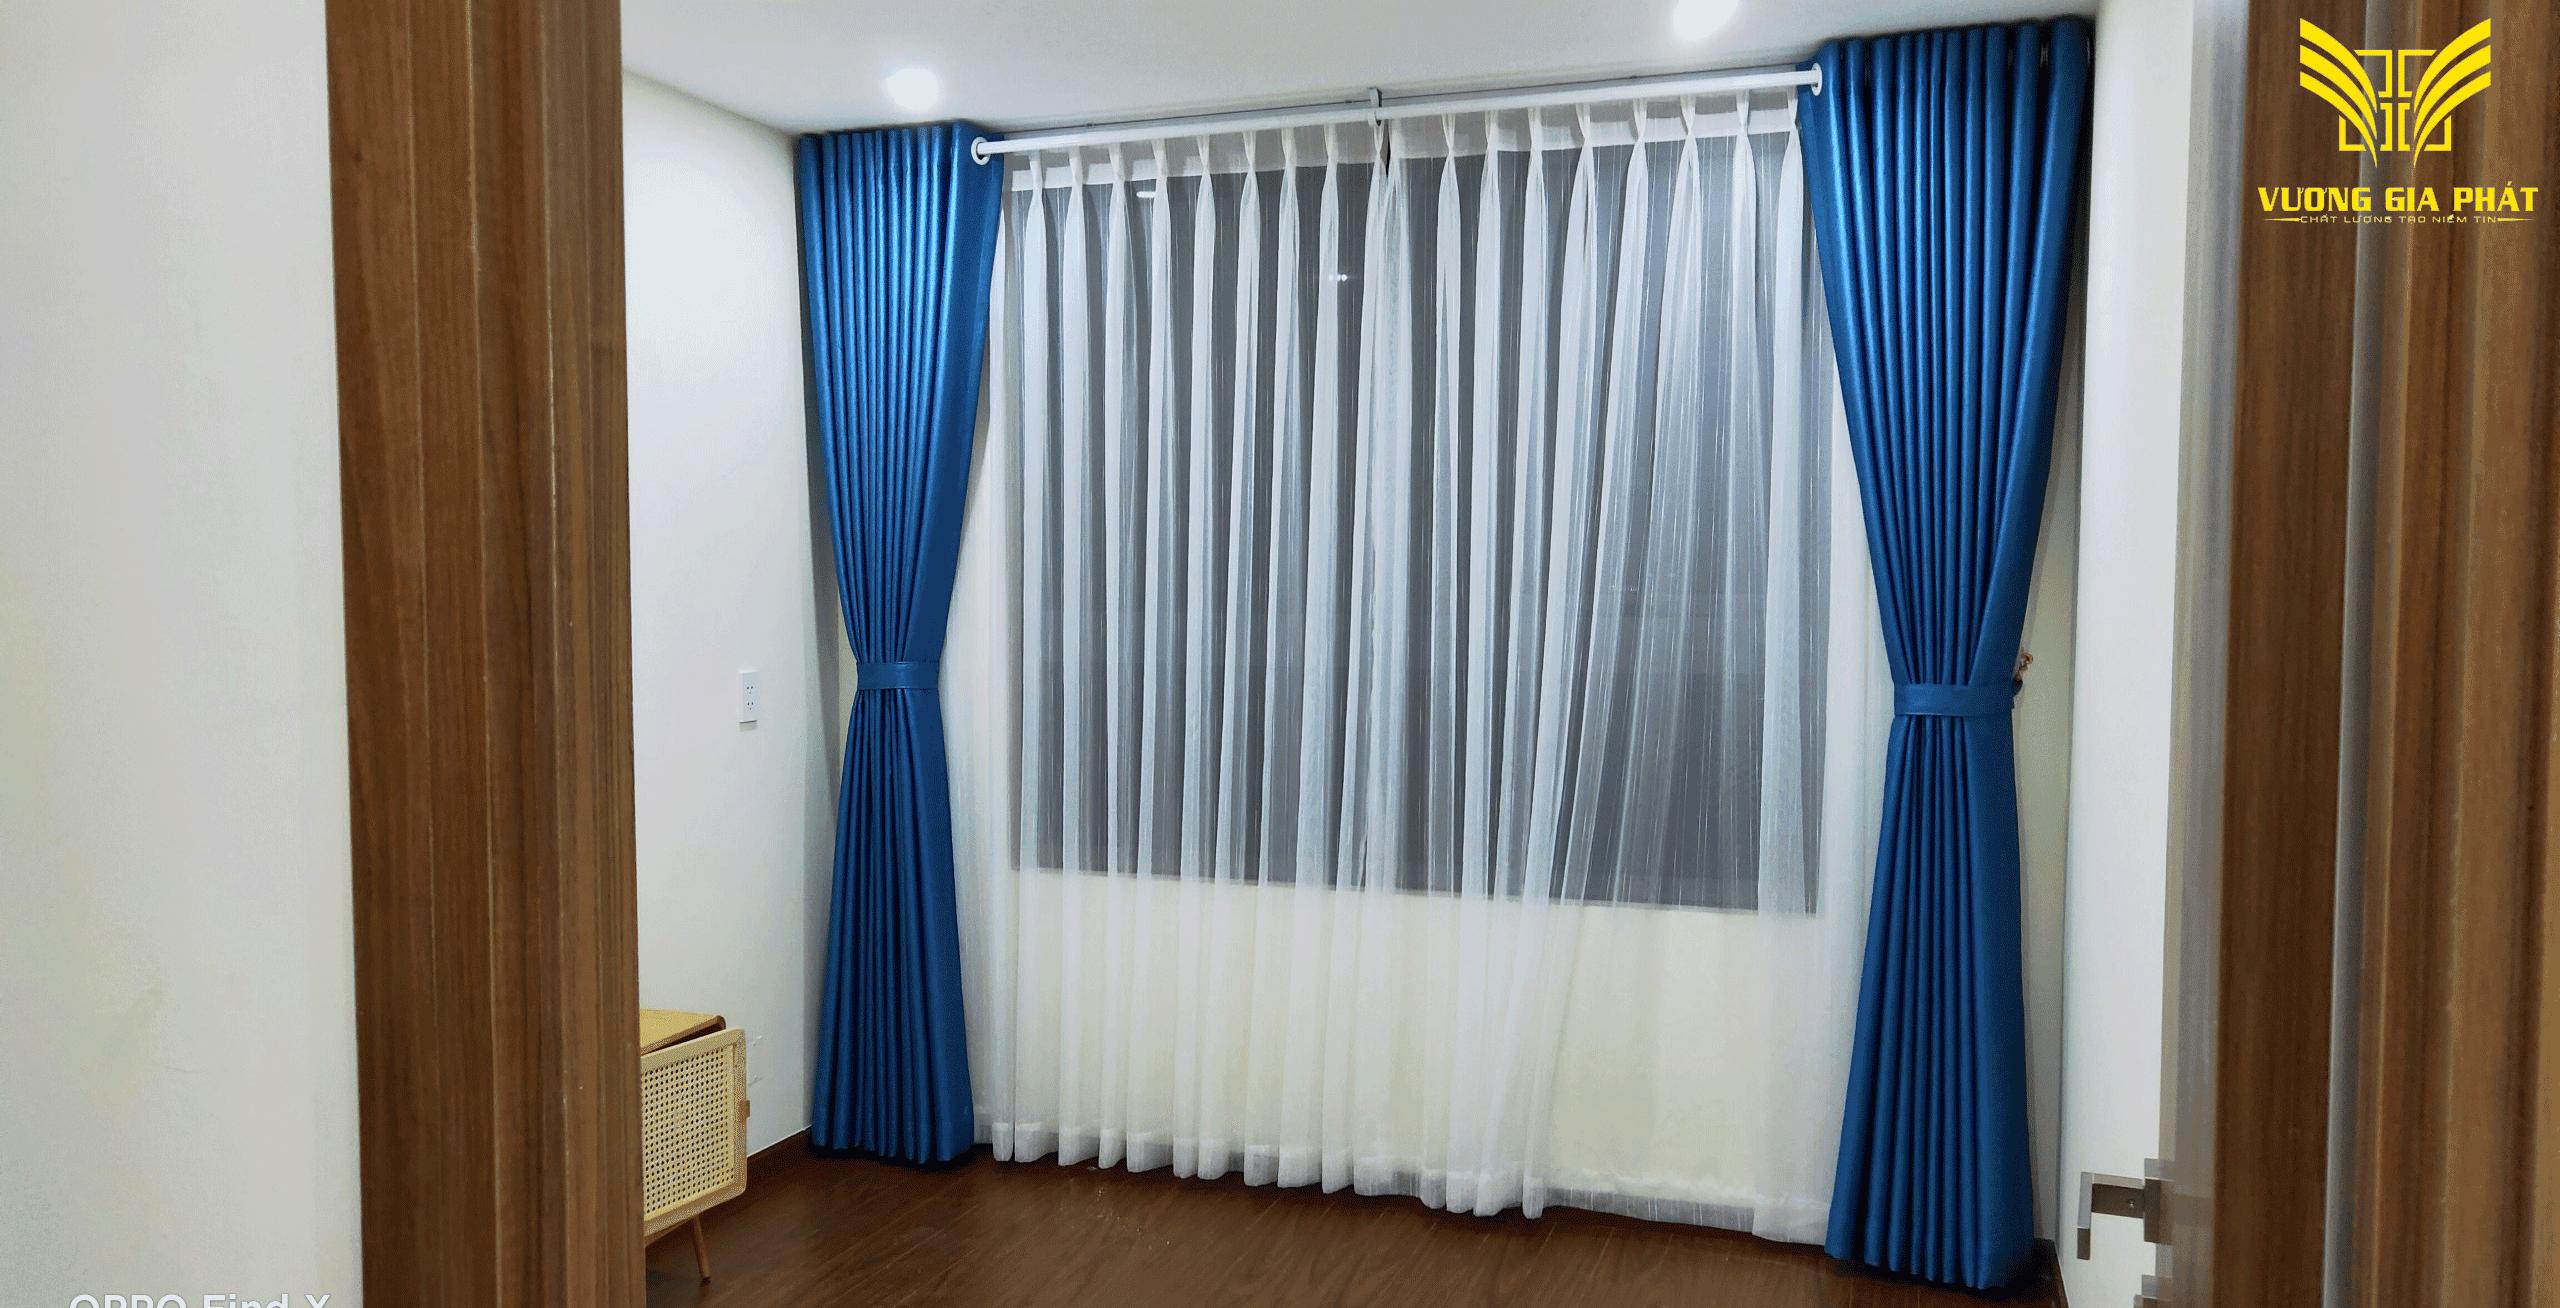 rèm vải 2 lớp đẹp Vinhome tphcm 0898.282.445